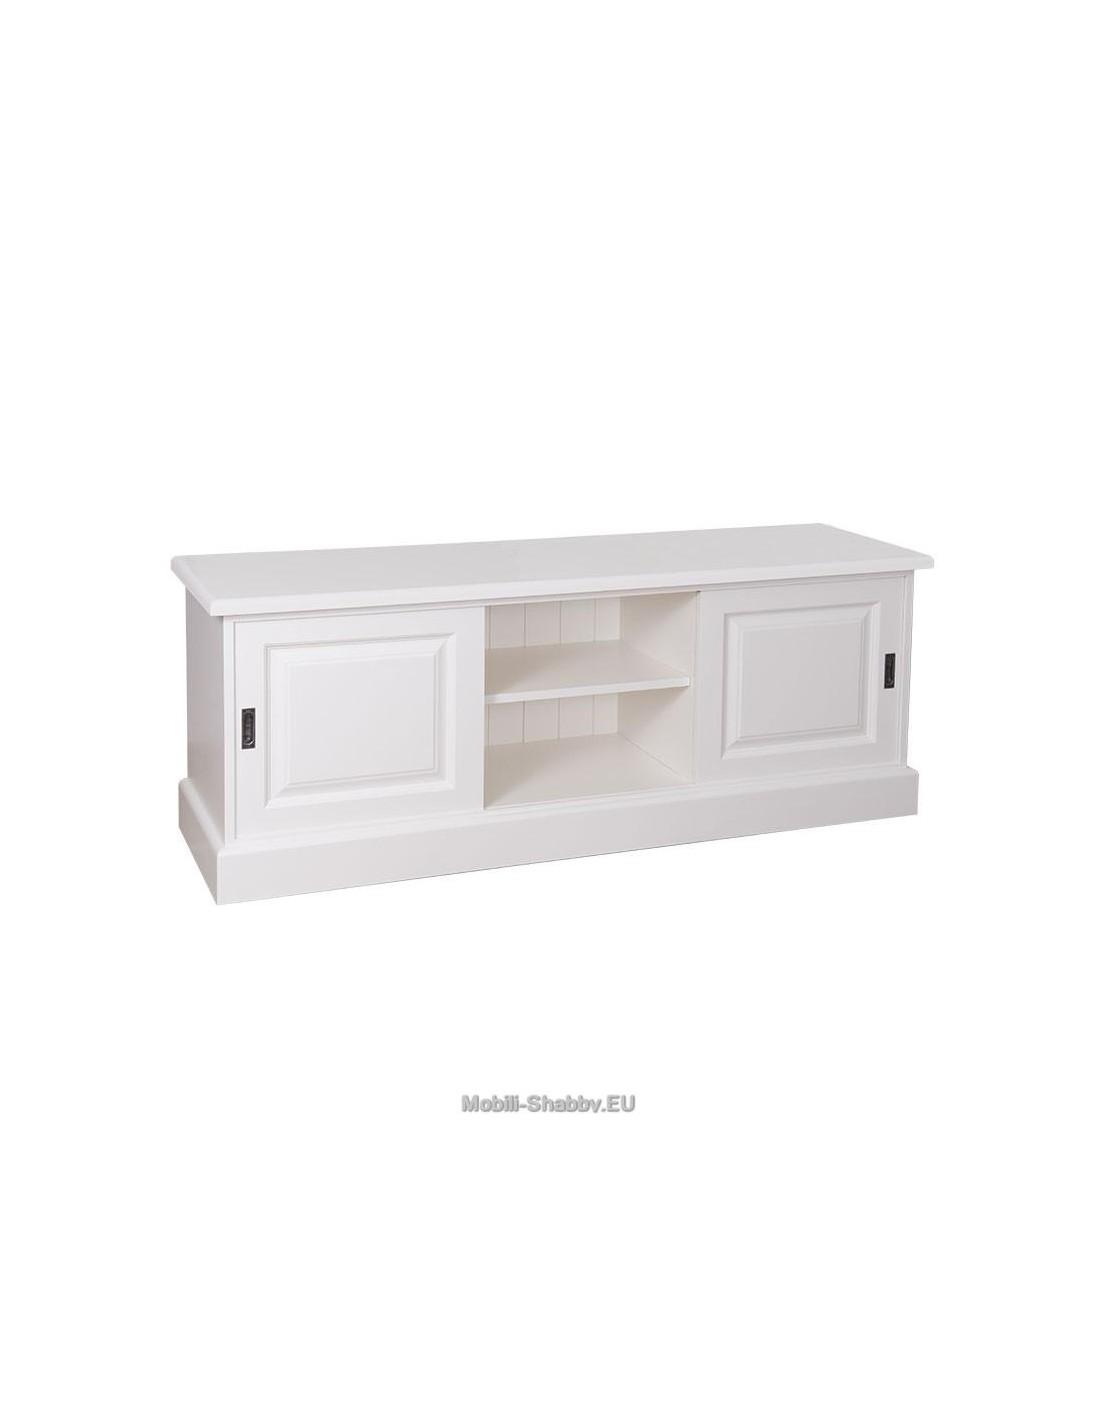 credenza porta tv provenzale colorata ms222 mobili shabby eu by orissa. Black Bedroom Furniture Sets. Home Design Ideas